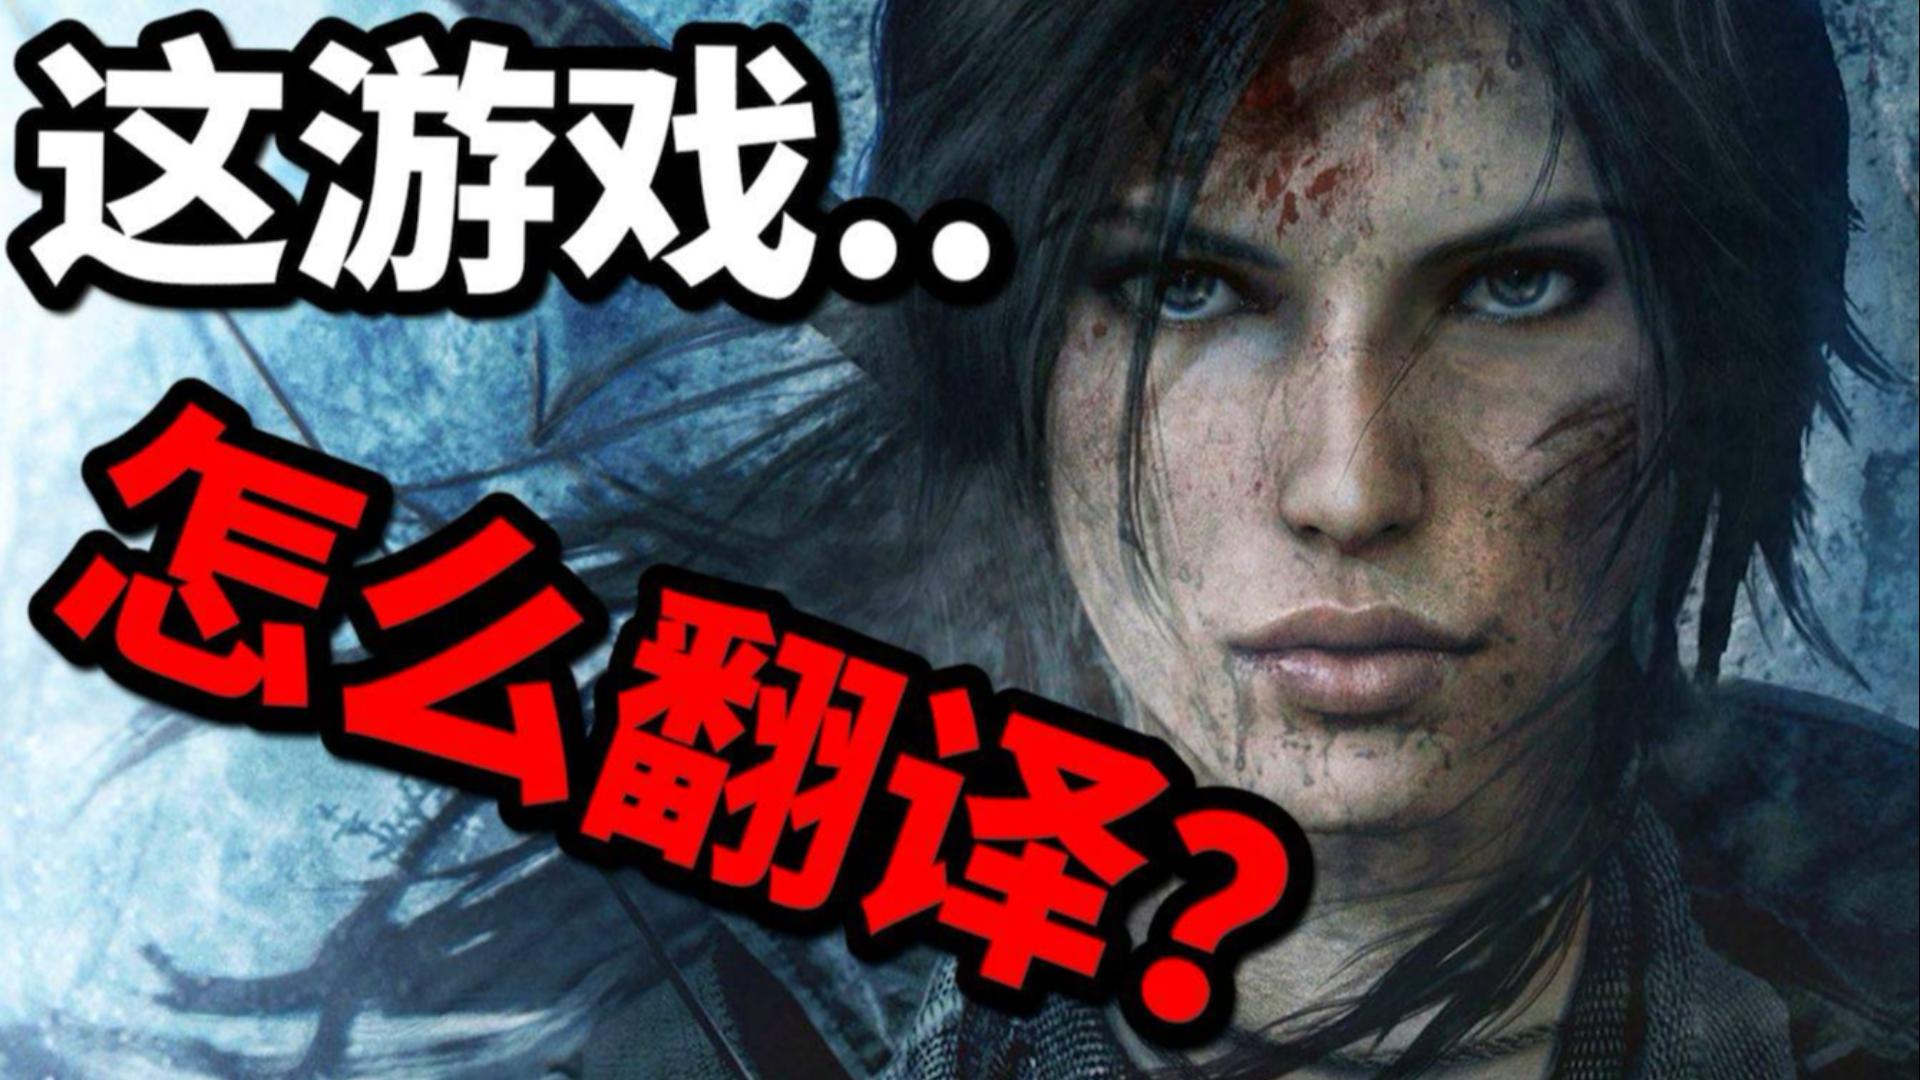 游戏界的翻译标题党,你可知道这些游戏的原名?